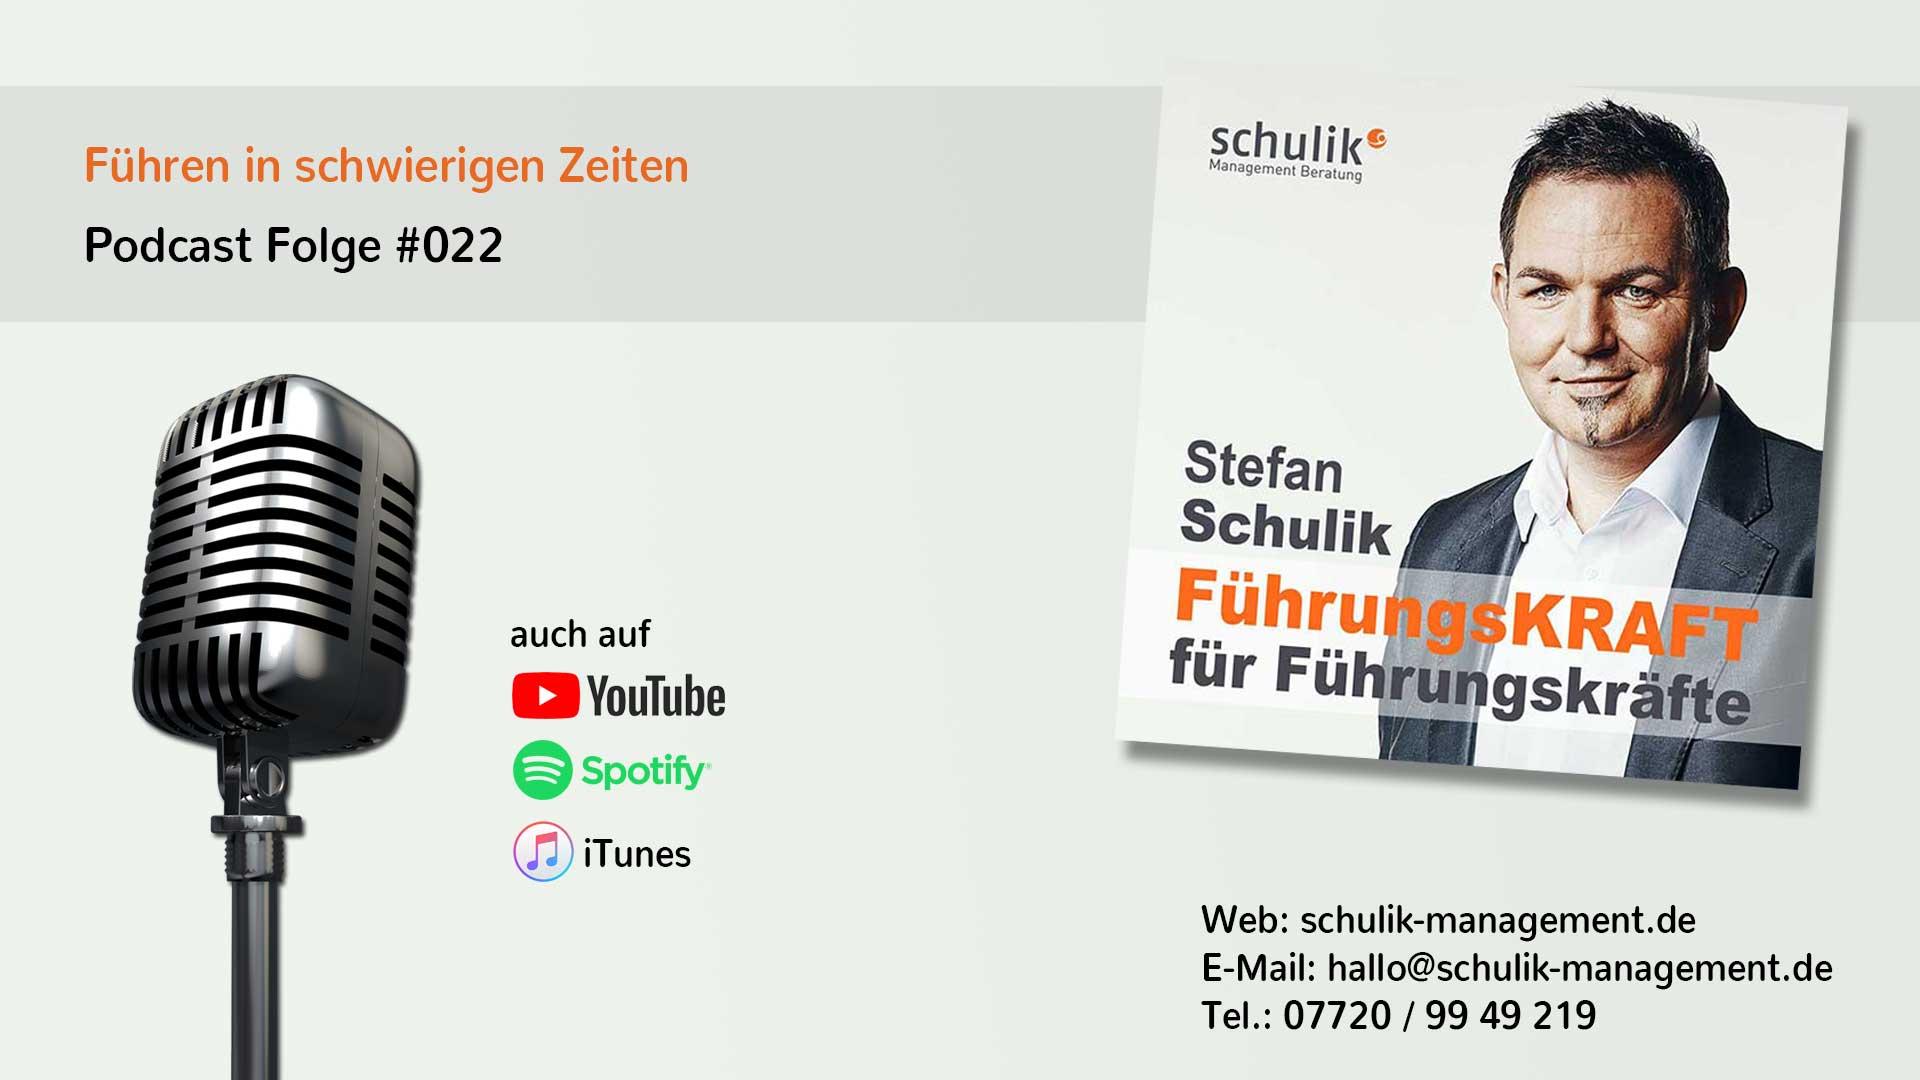 Mitarbeiter Führen In Schwierigen Zeiten - Podcast